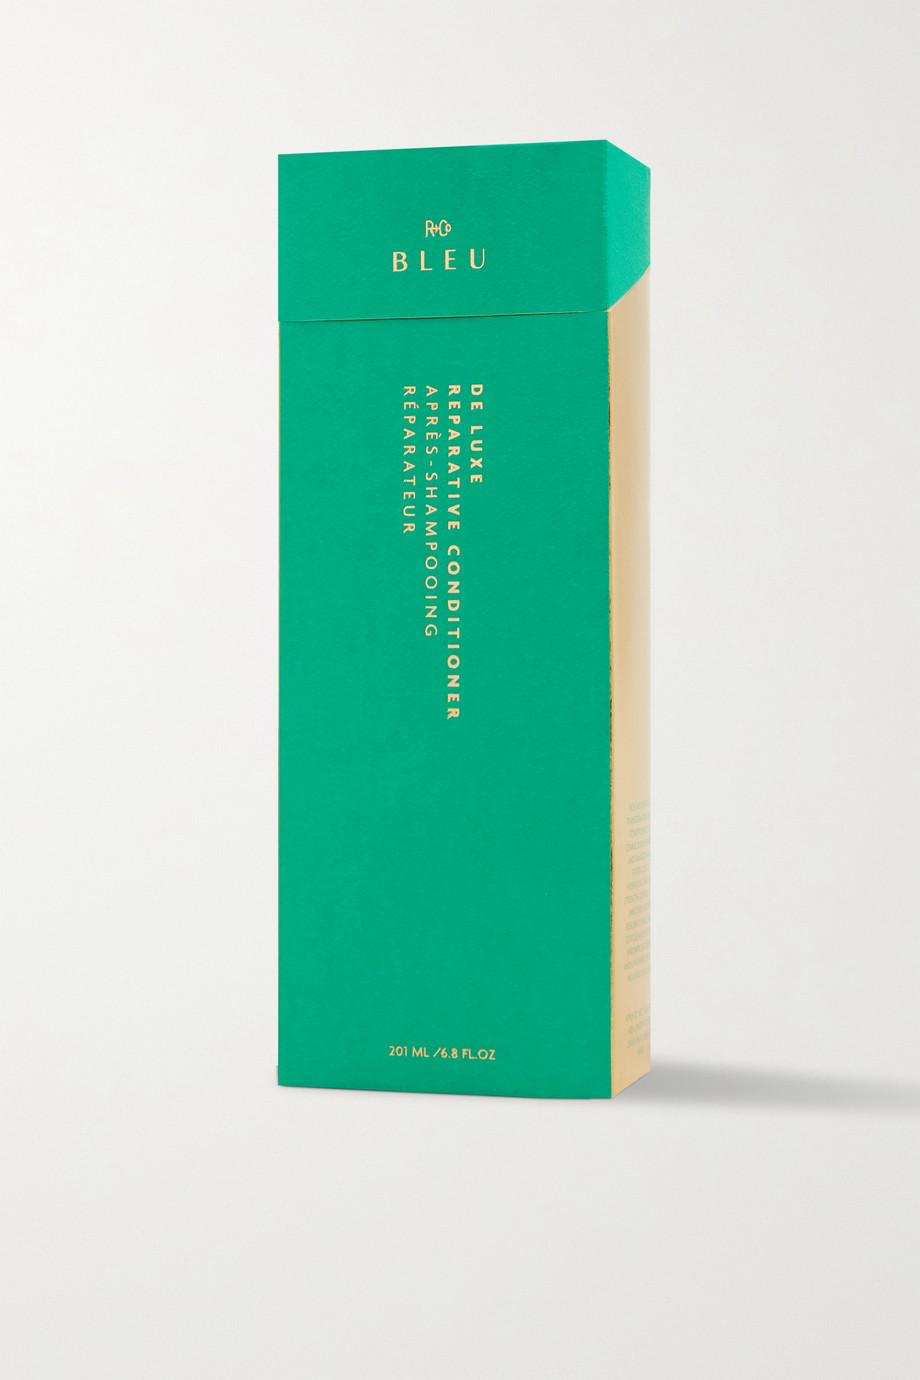 R+Co BLEU De Luxe Reparative Conditioner, 201ml